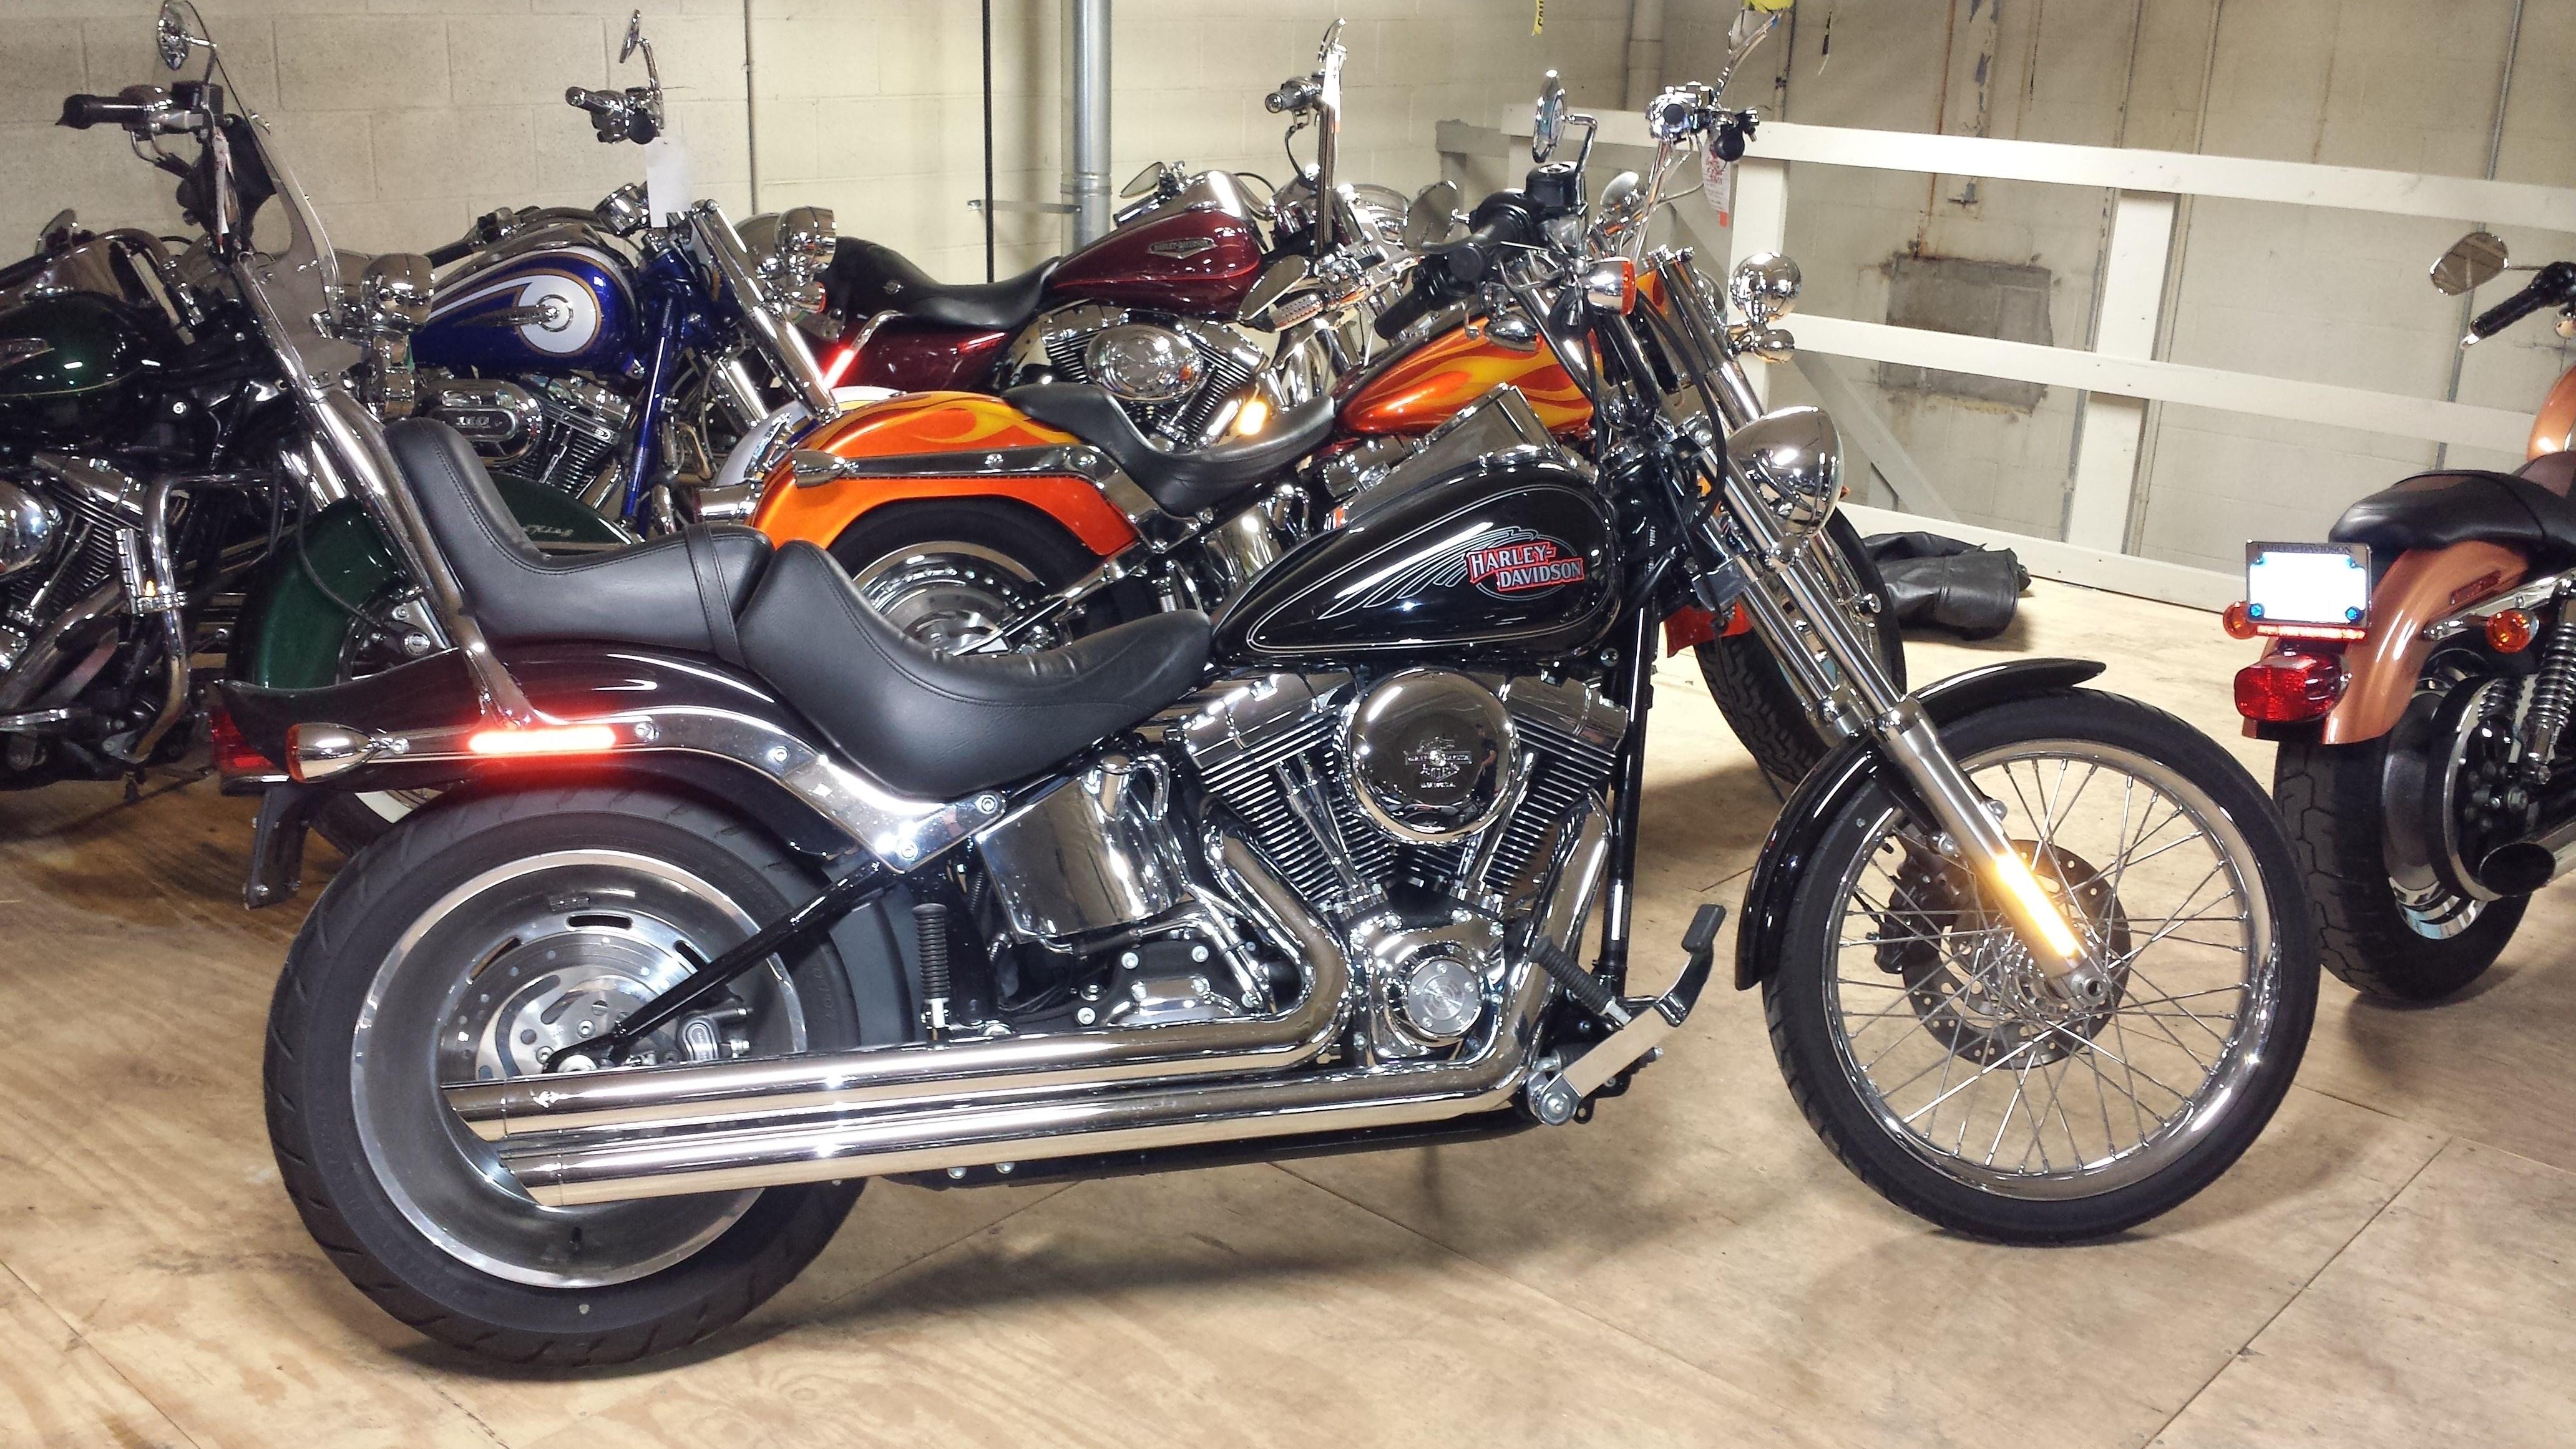 Harley davidson softail custom фото